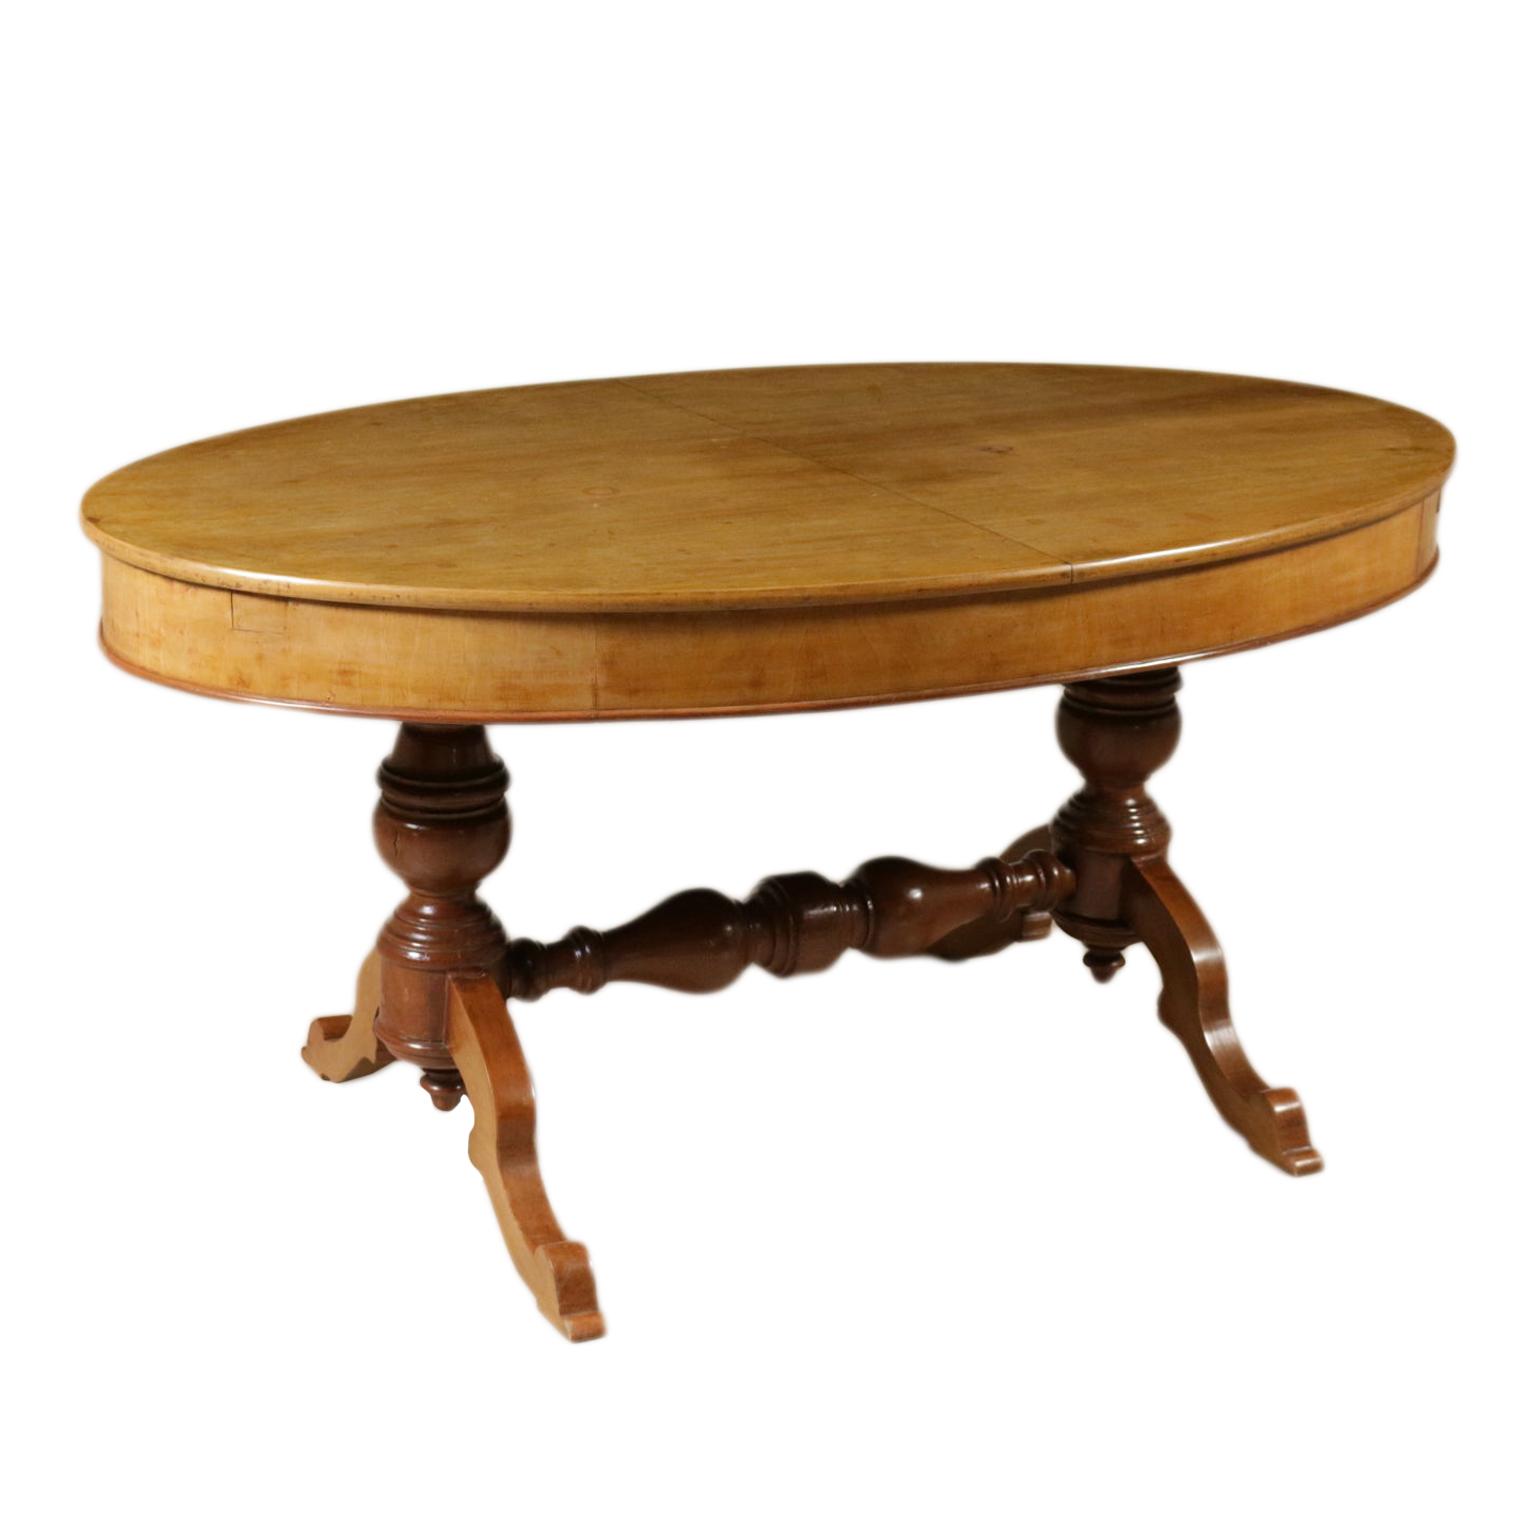 Tavolo Antico Allungabile Antiquariato.Tavolo Ovale Allungabile Tavoli Antiquariato Dimanoinmano It